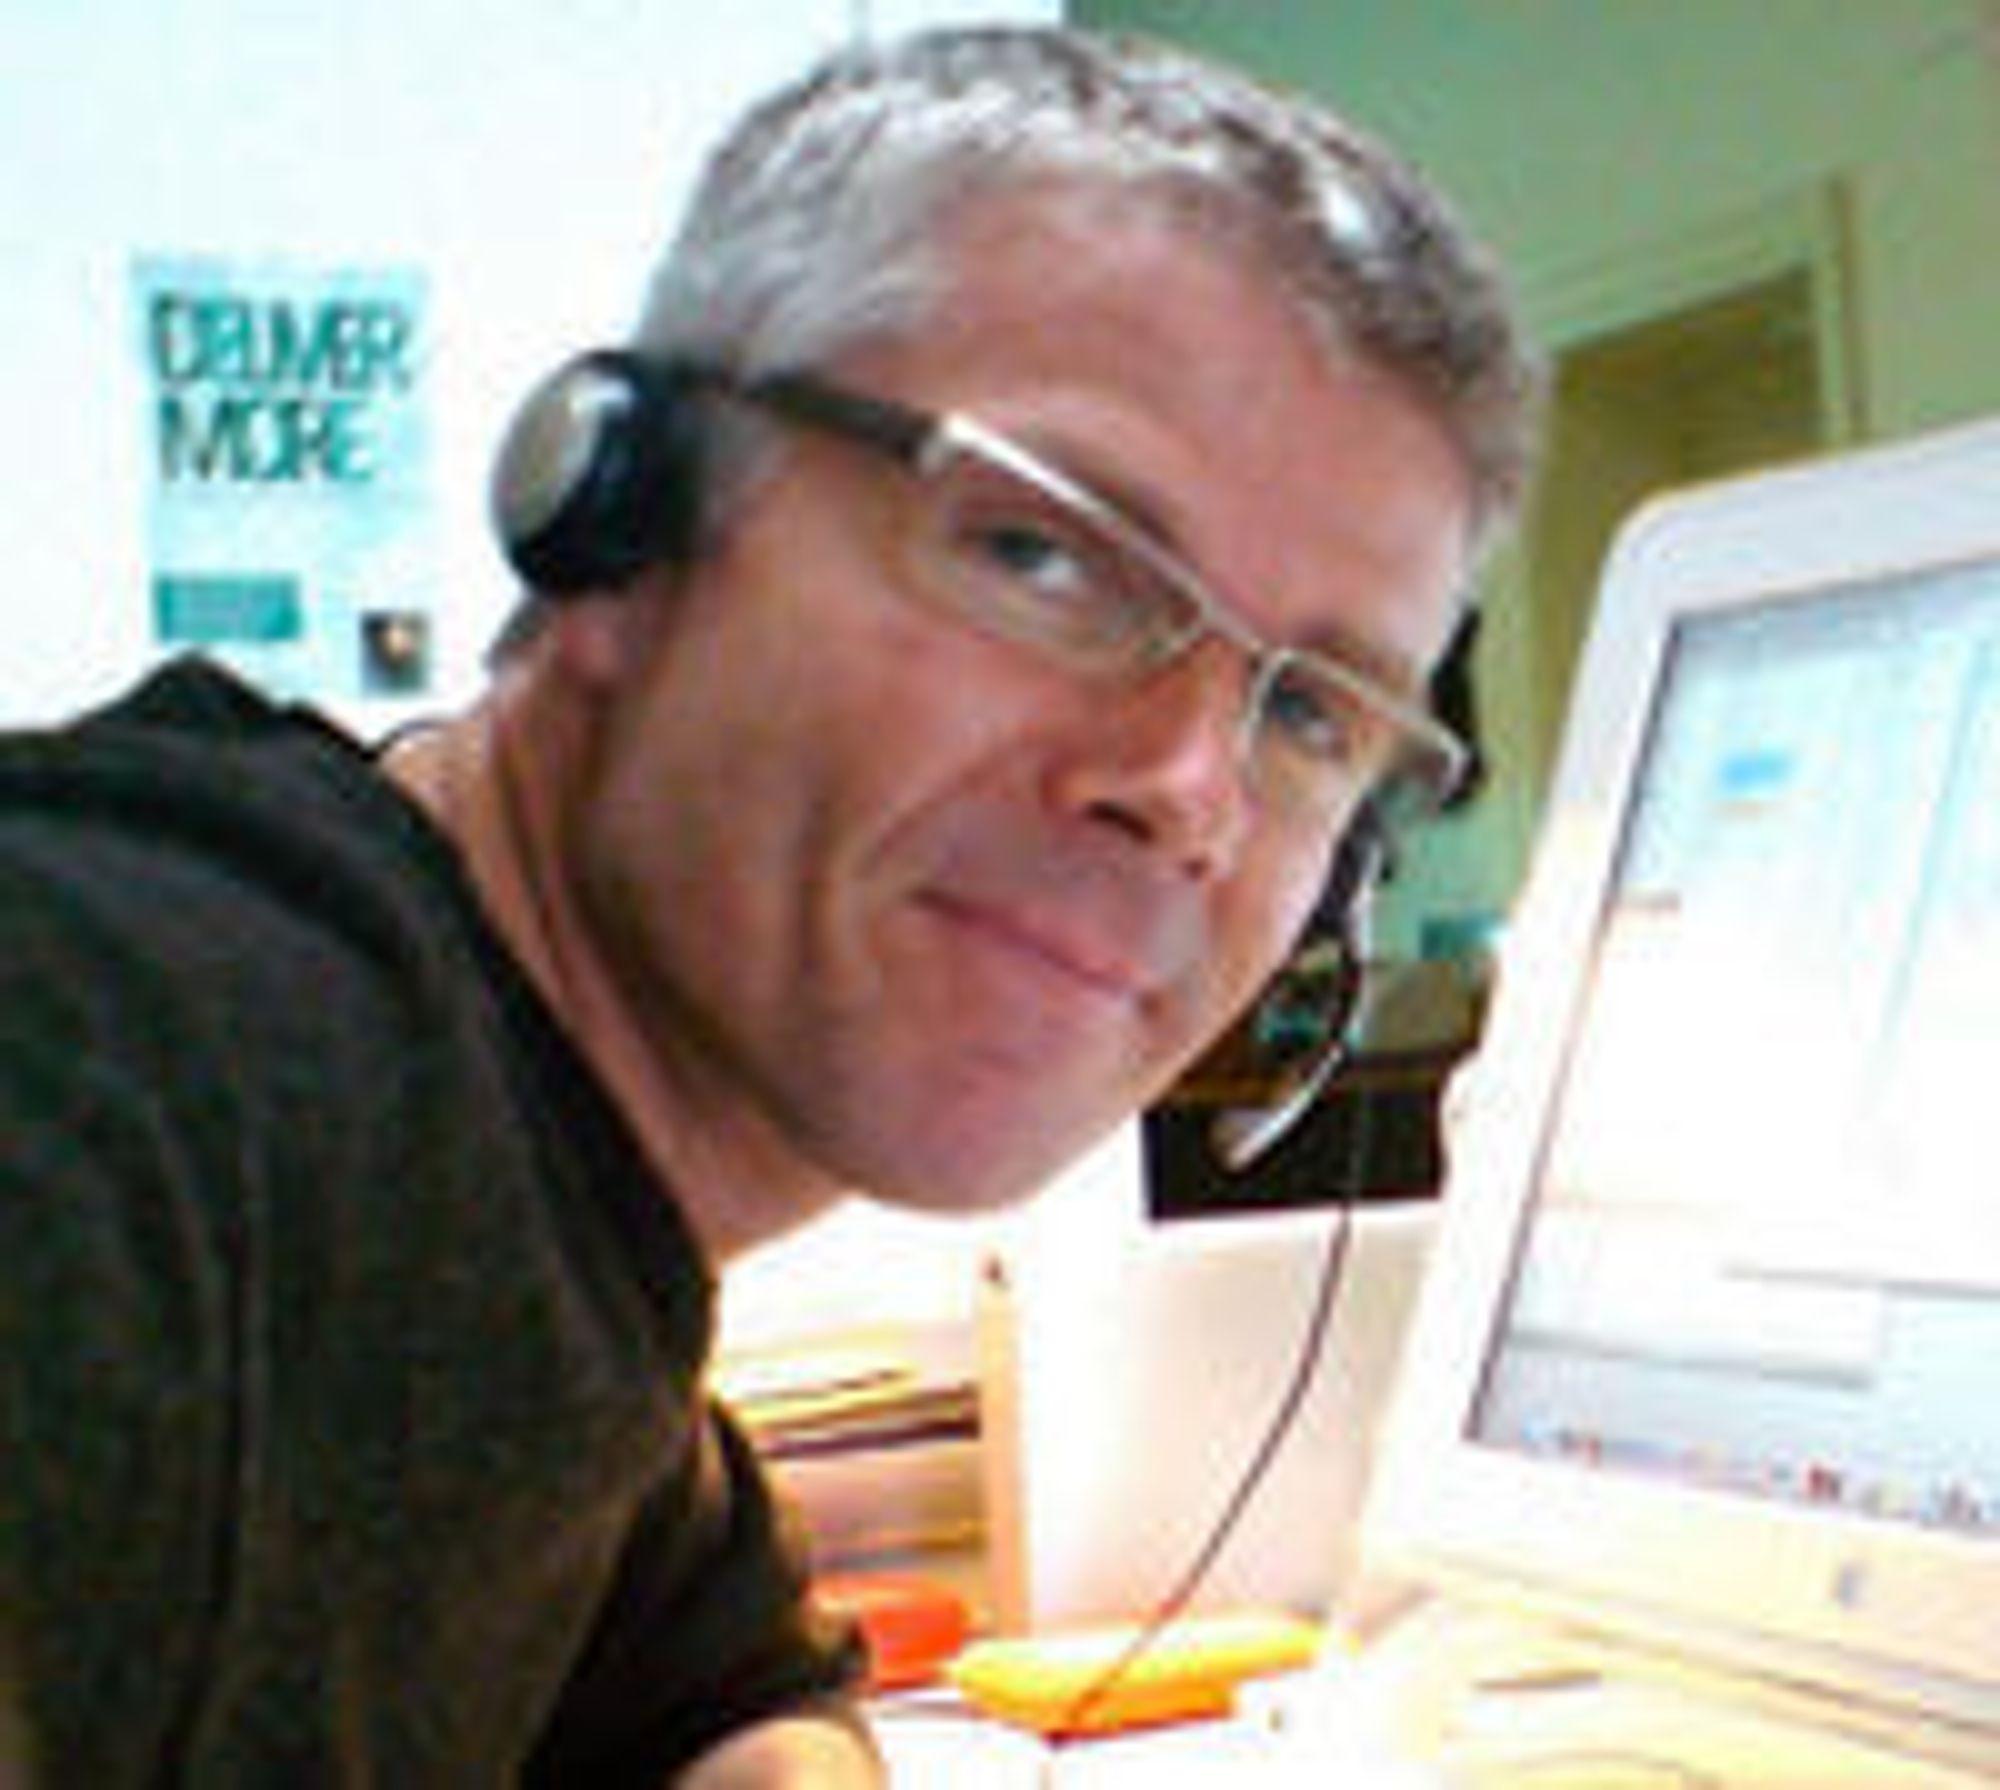 Erling Storvik sier han har et lidenskapelig forhold til tekstmeldinger.